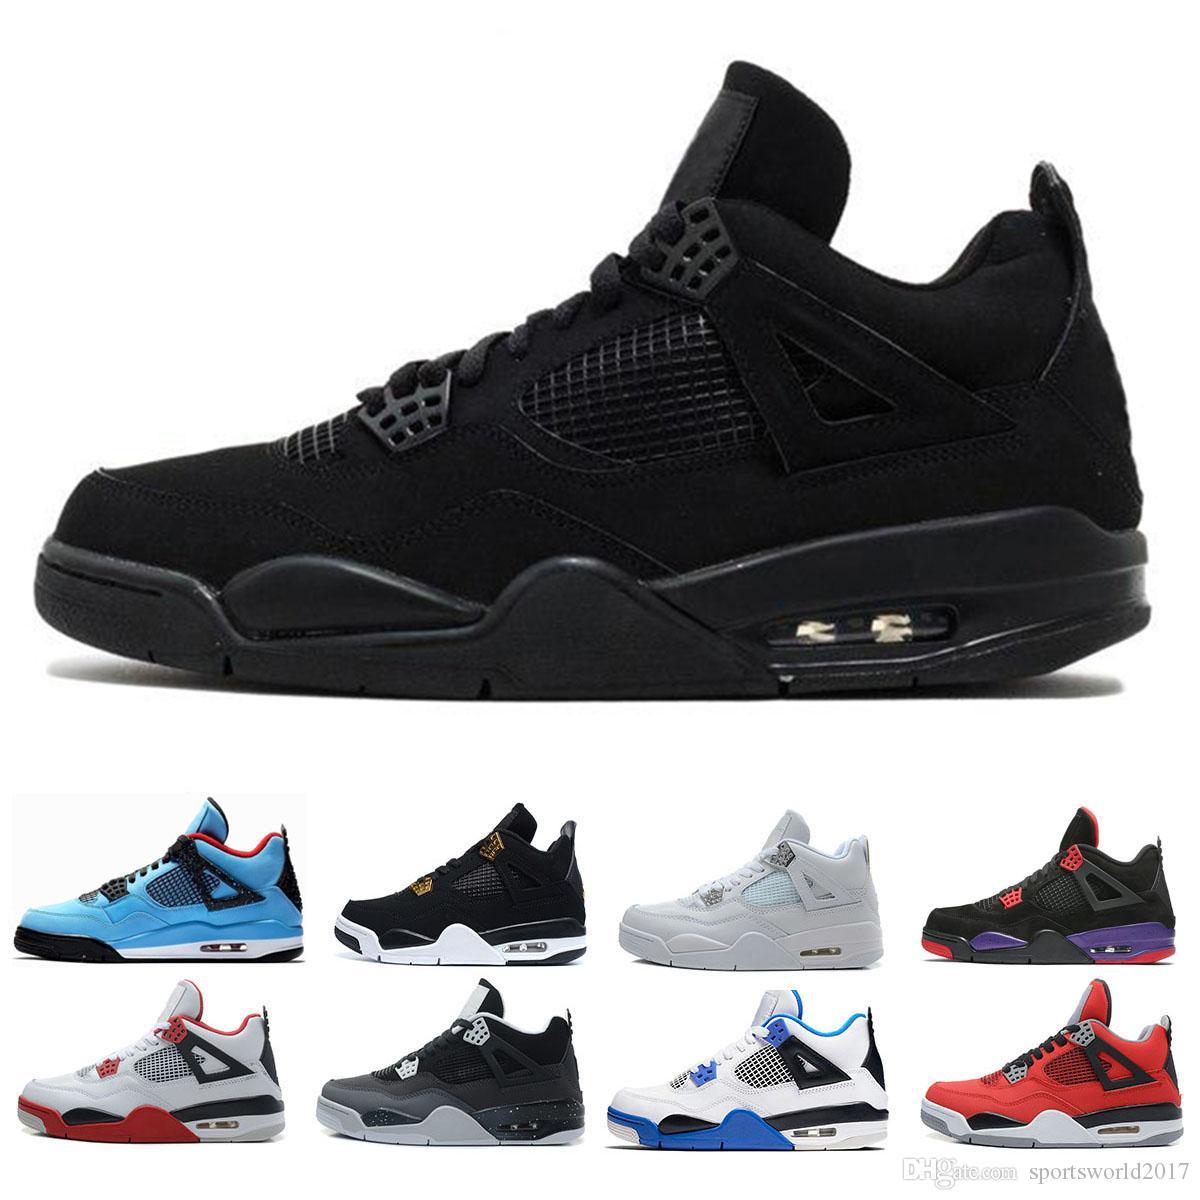 prezzo onesto qualità risparmia fino all'80% scarpe basket